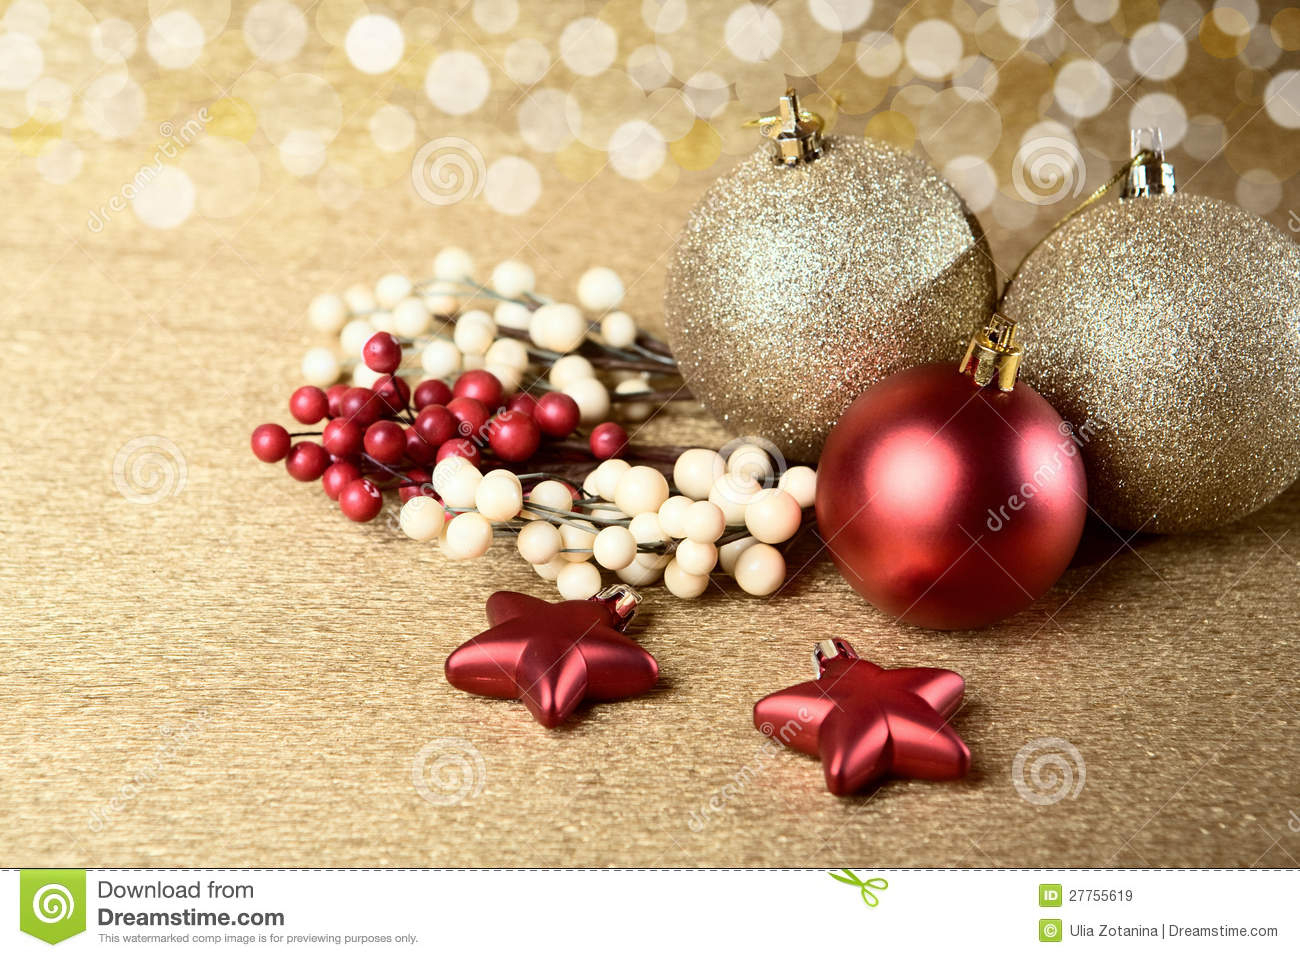 Hintergrundbilder Weihnachten Kostenlos Download mit Weihnachtsmotive Kostenlos Downloaden